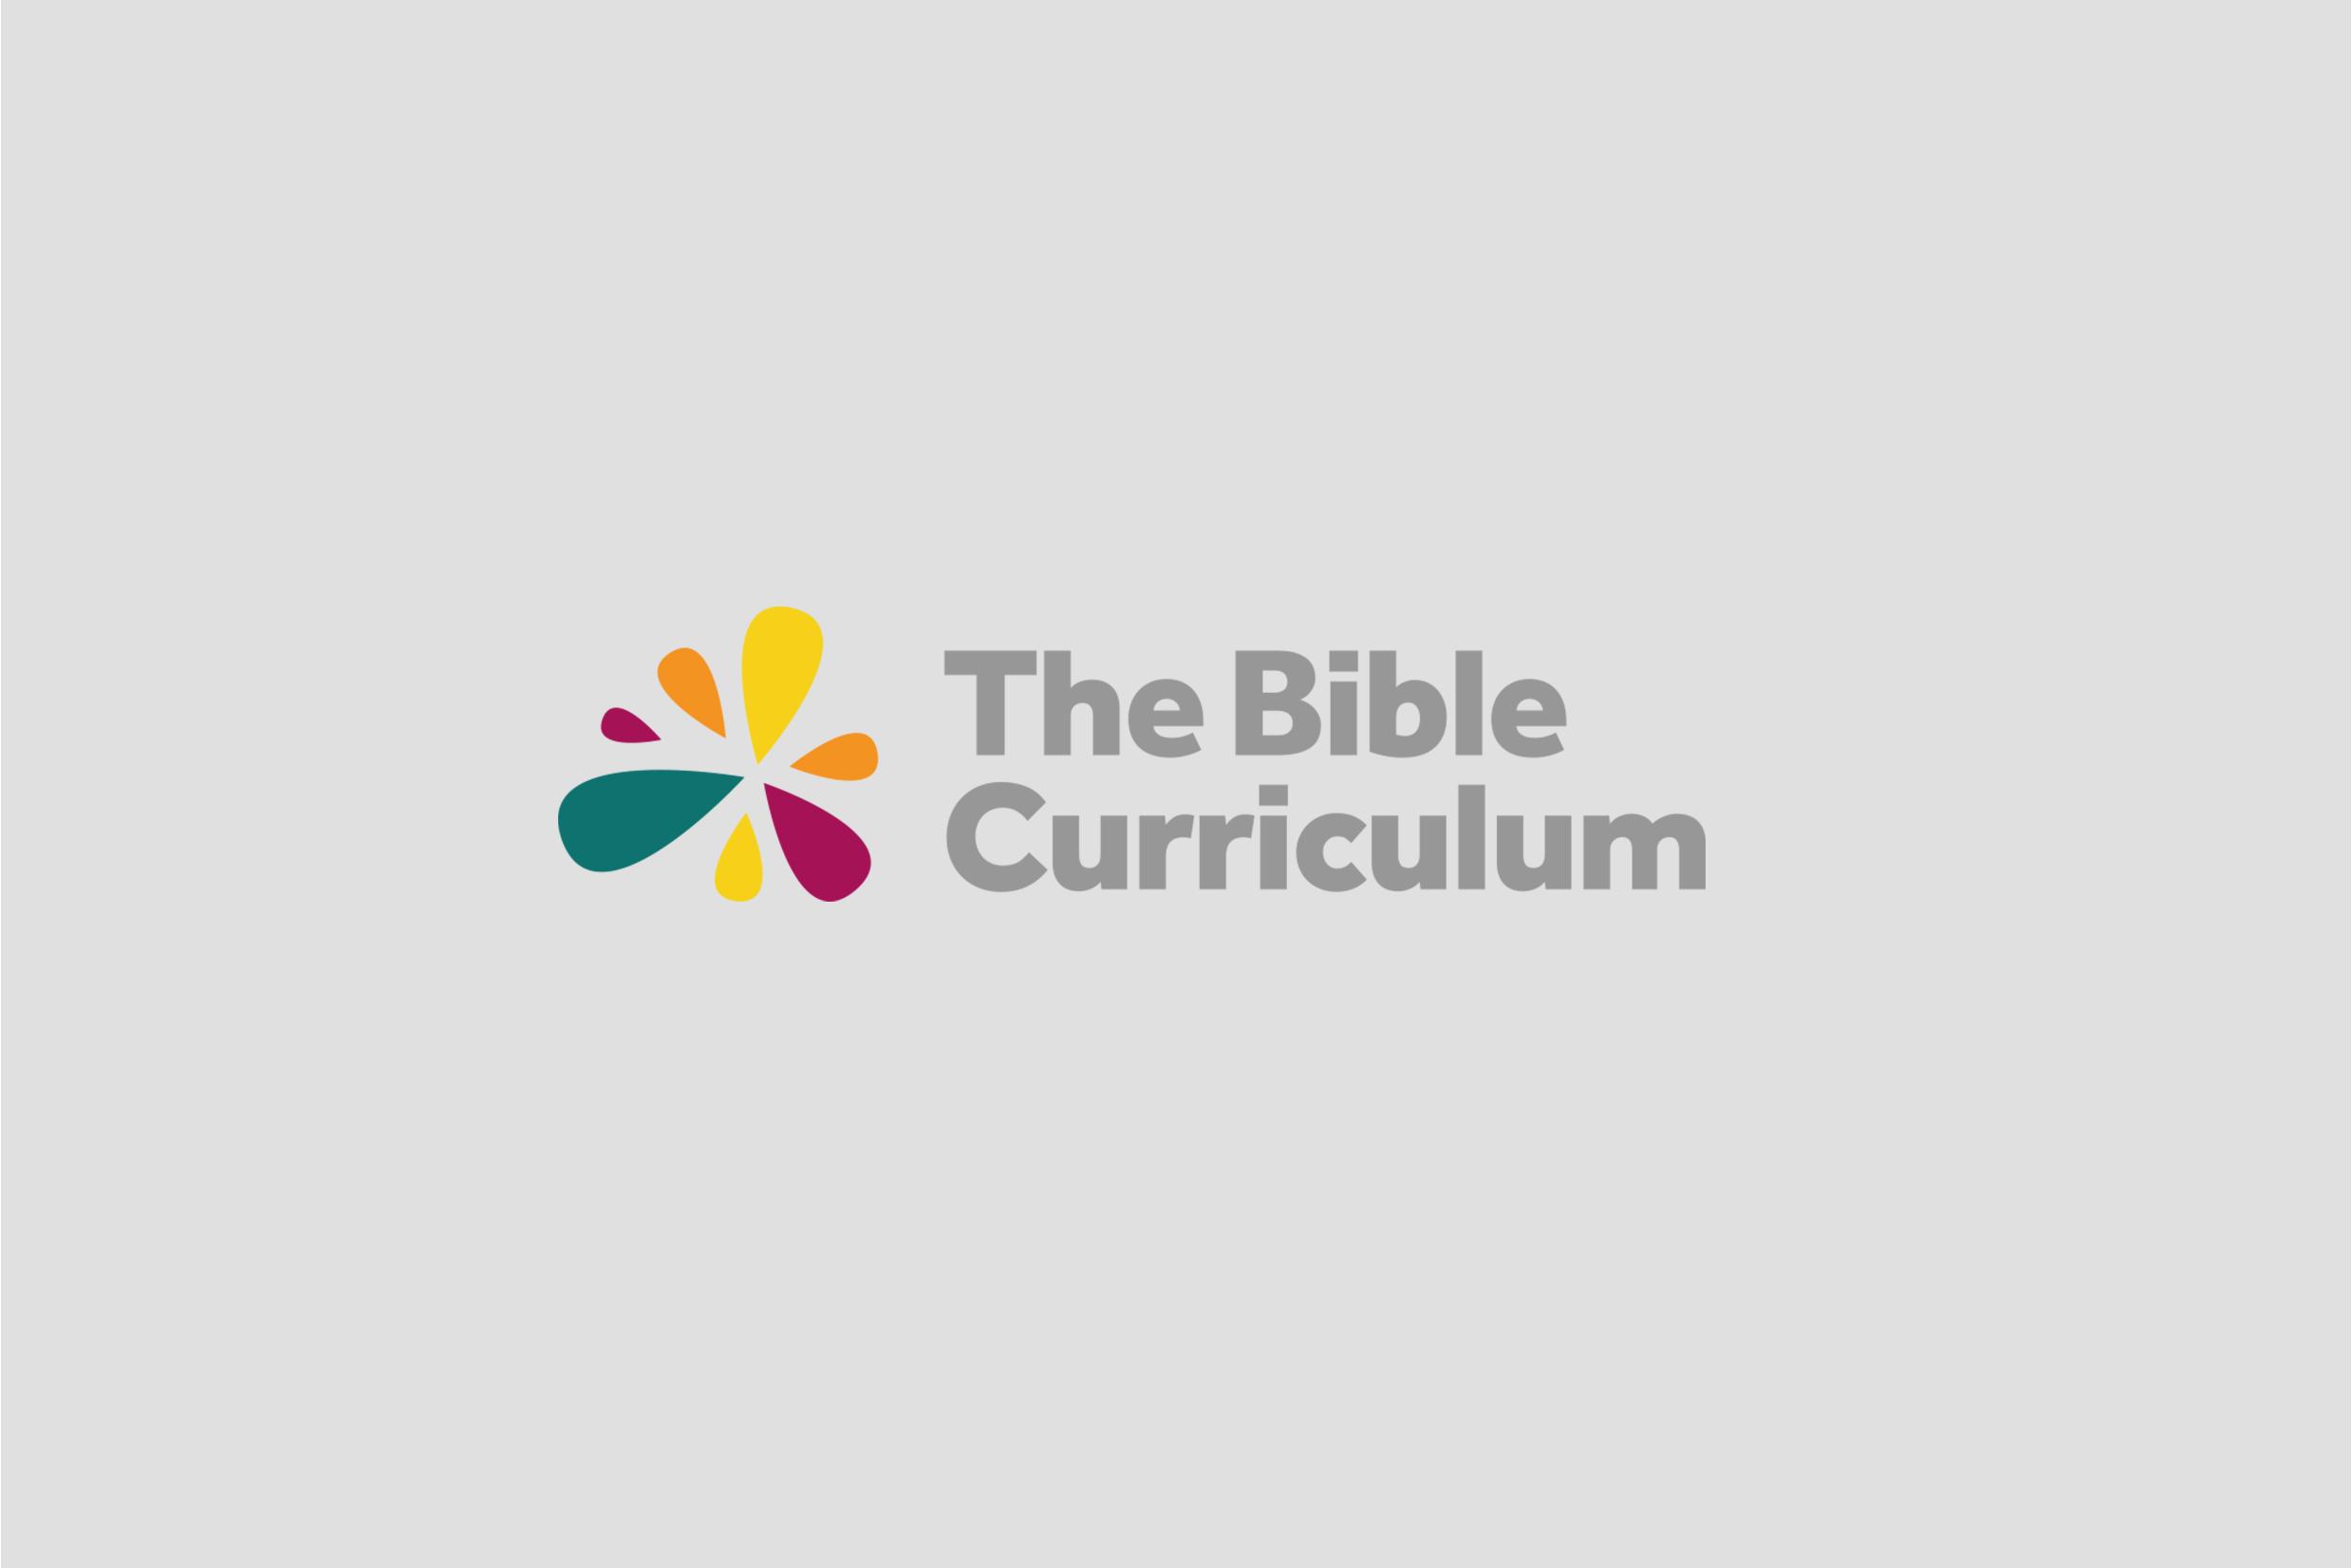 The Bible Curriculum